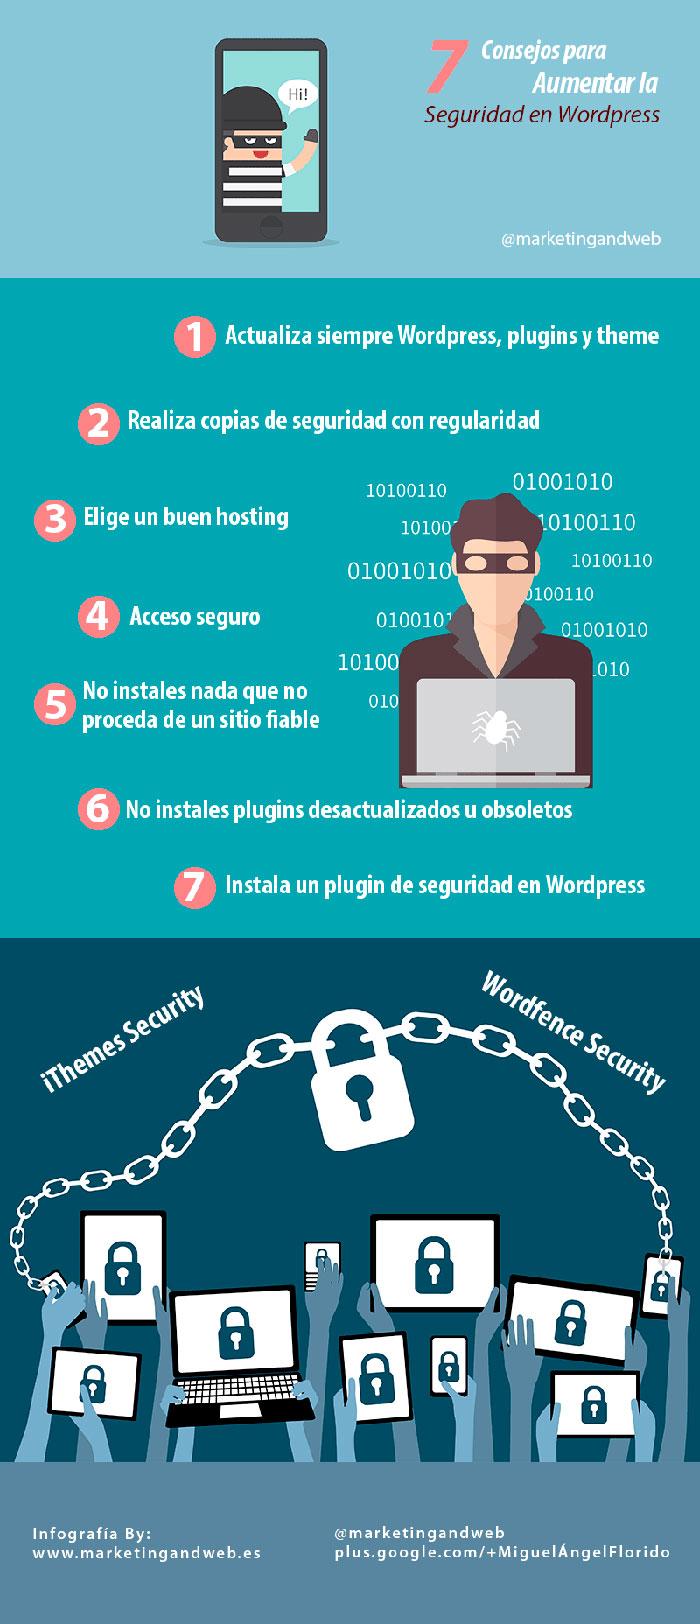 Infografia sobre consejos para aumentar la seguridad en WordPress